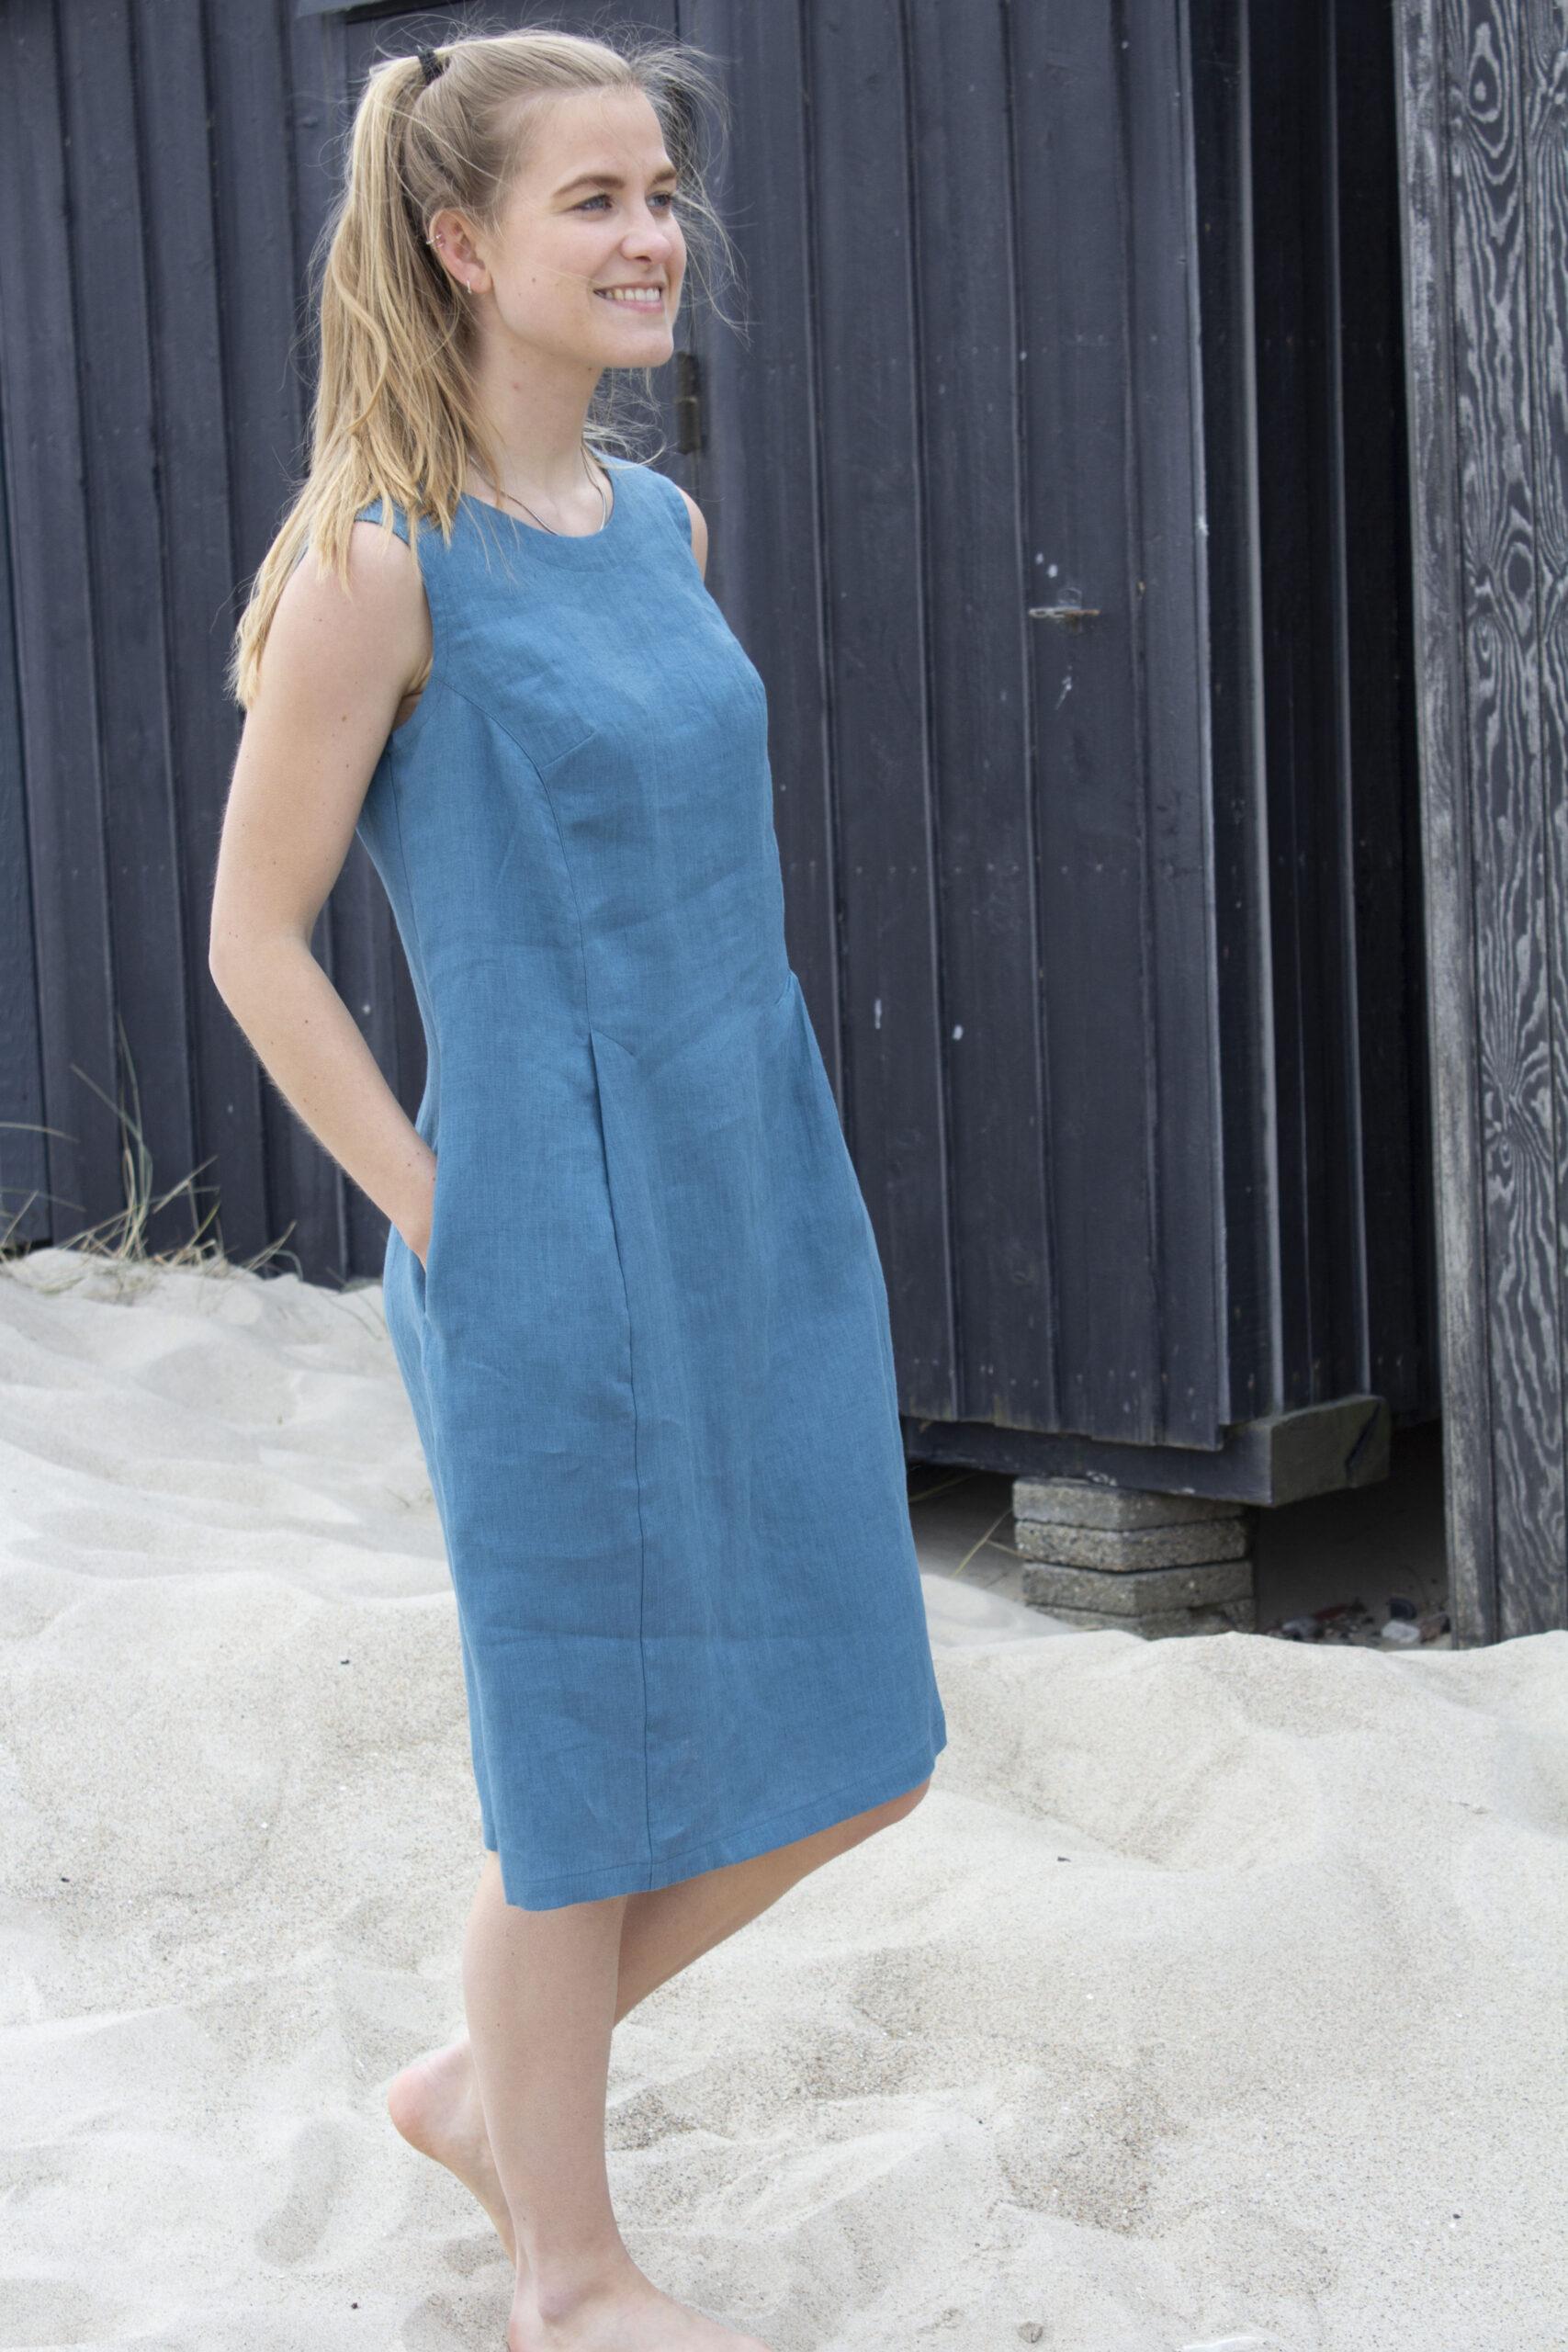 Woman in blue line dress